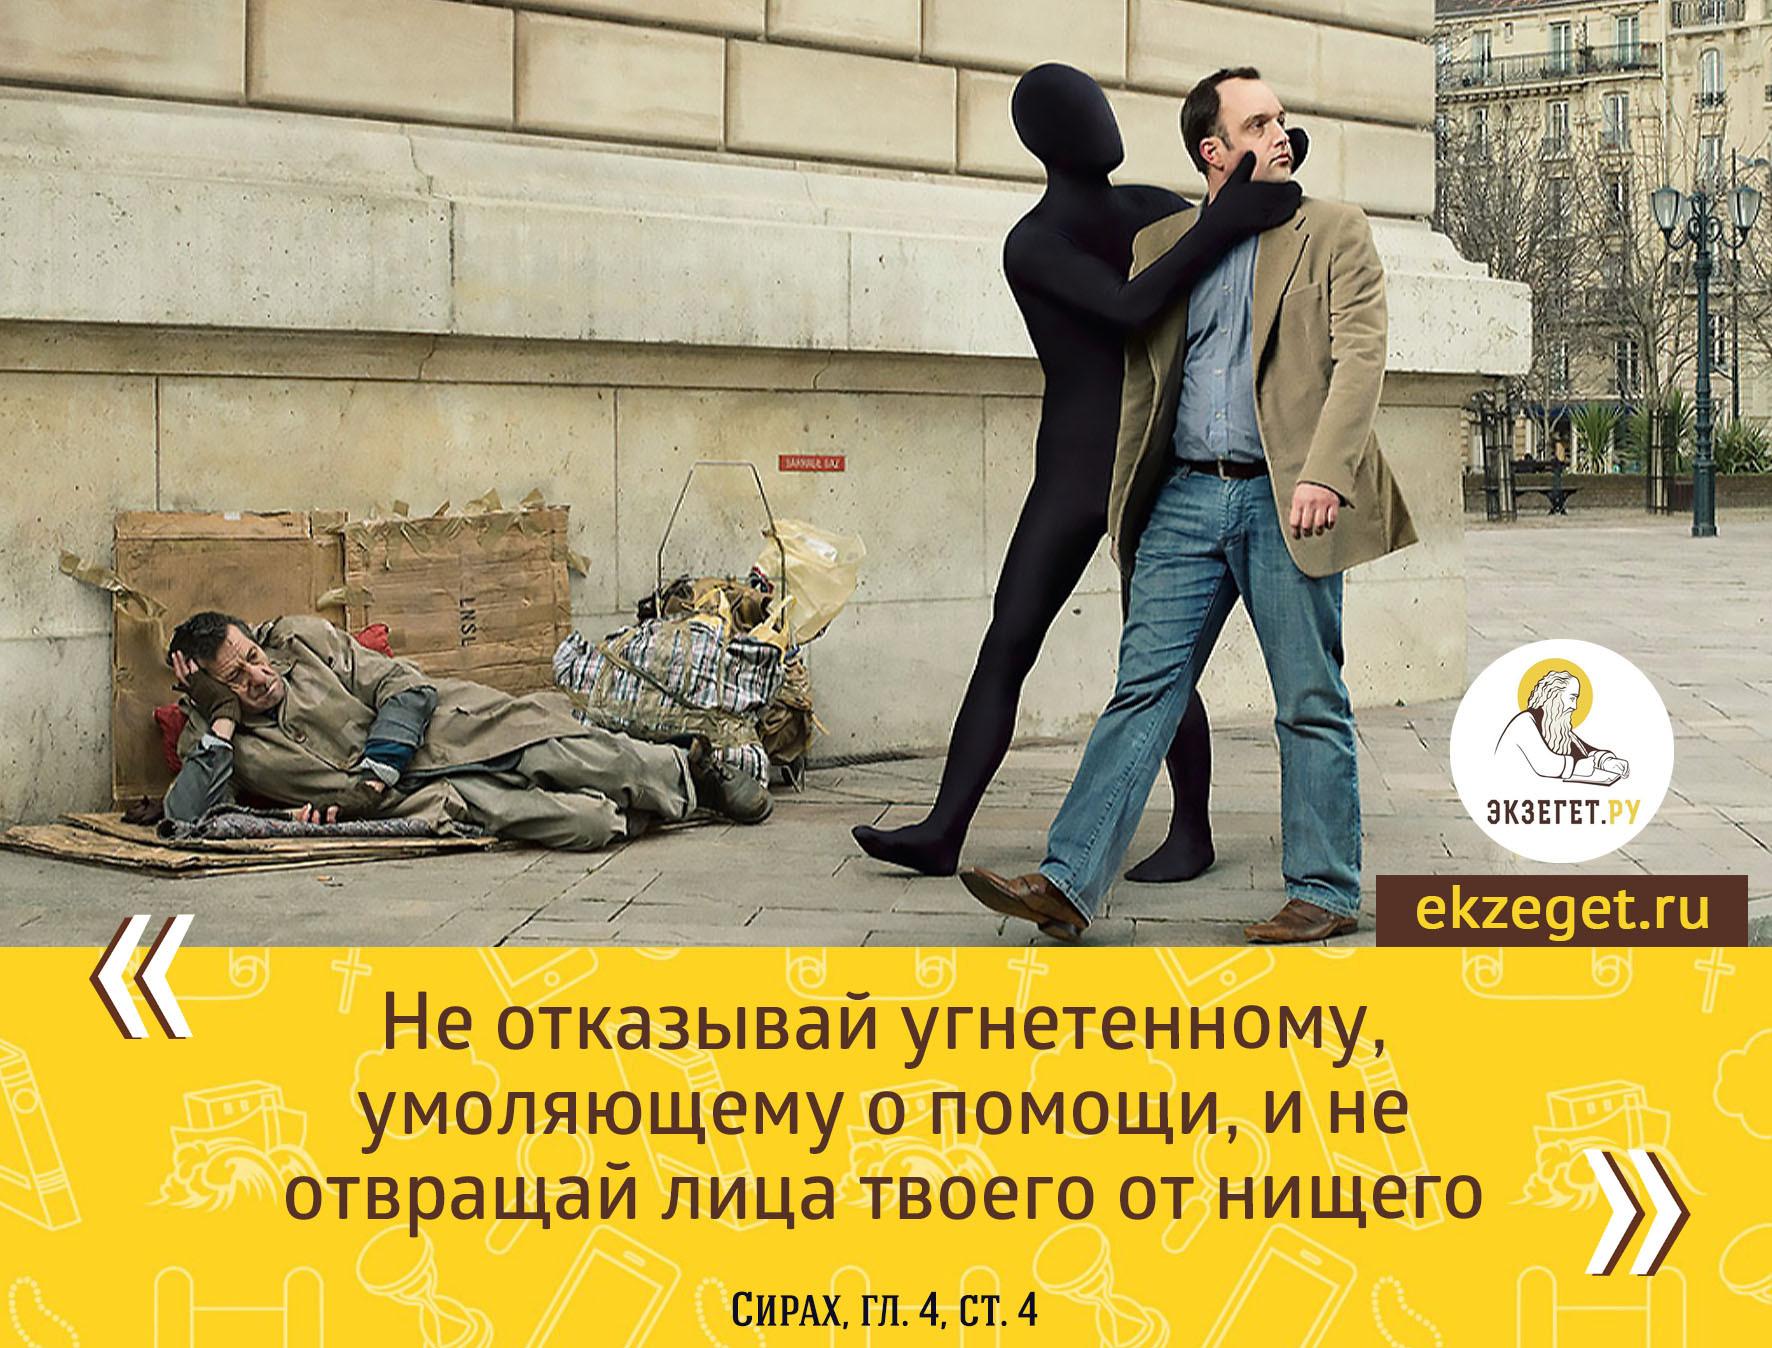 Сир. 4:4 не отказывай угнетенному, умоляющему о помощи, и не отвращай лица твоего от нищего;